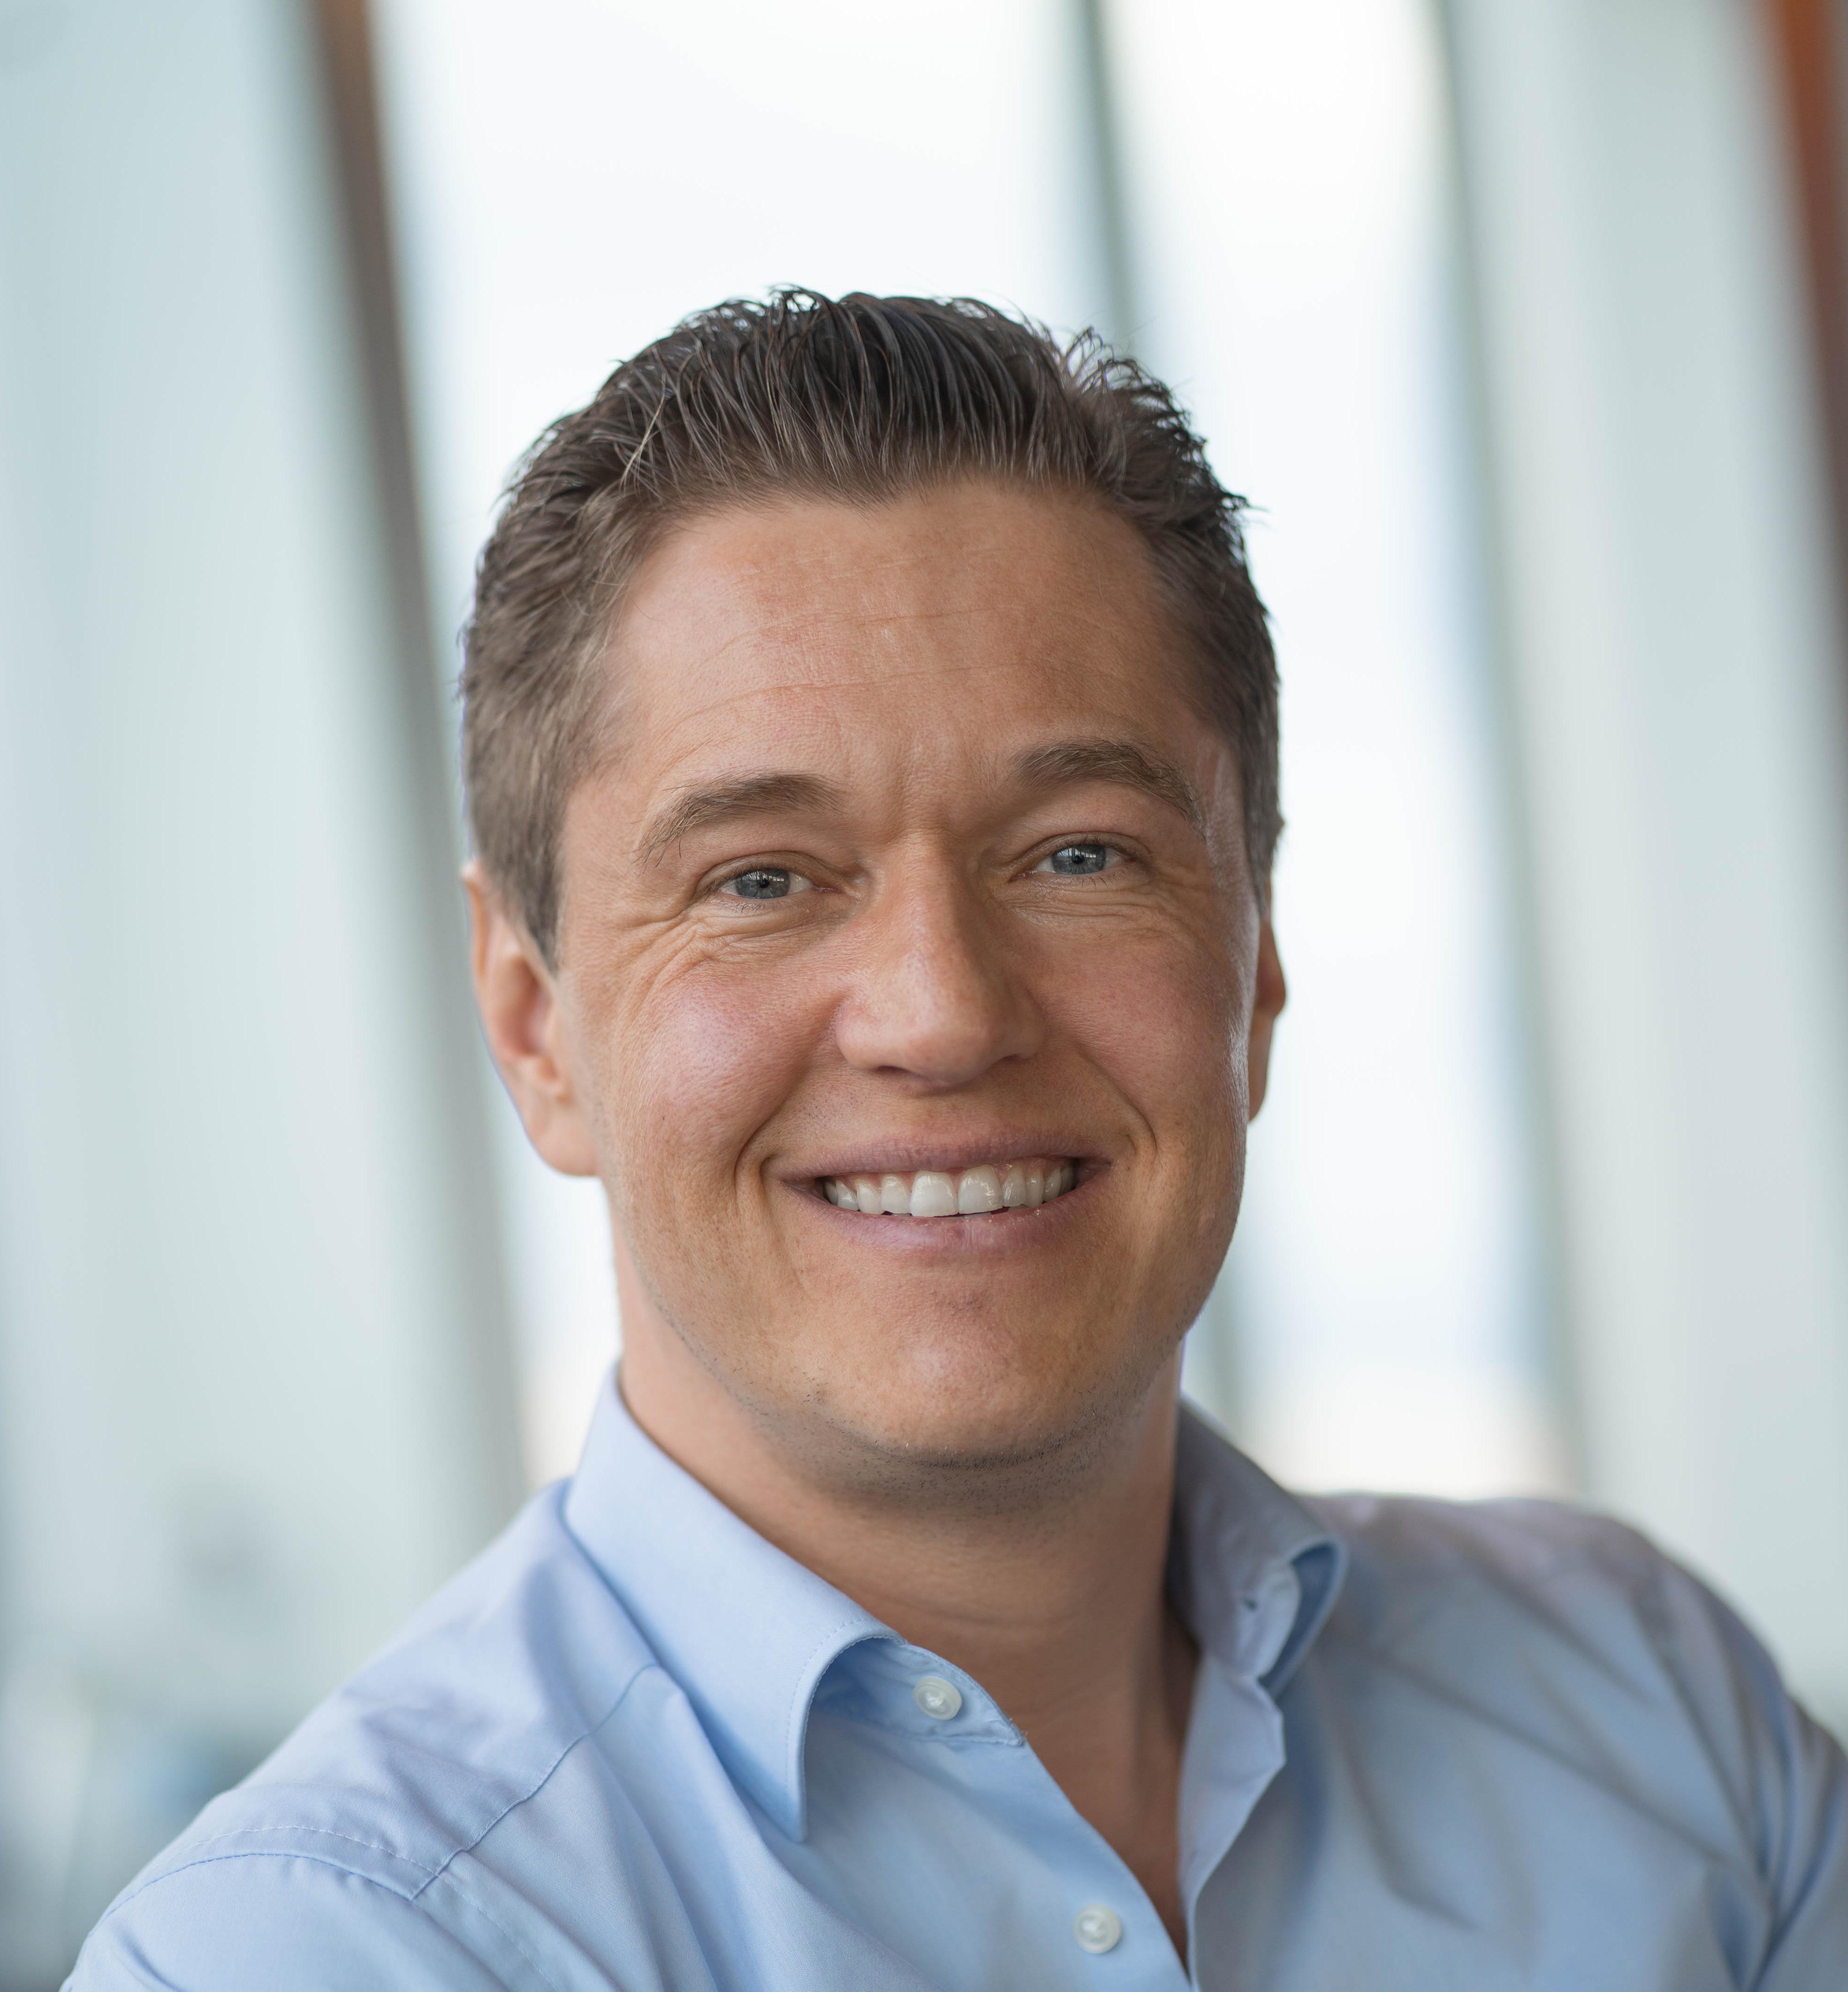 Geschäftsführer Thomas Mücke